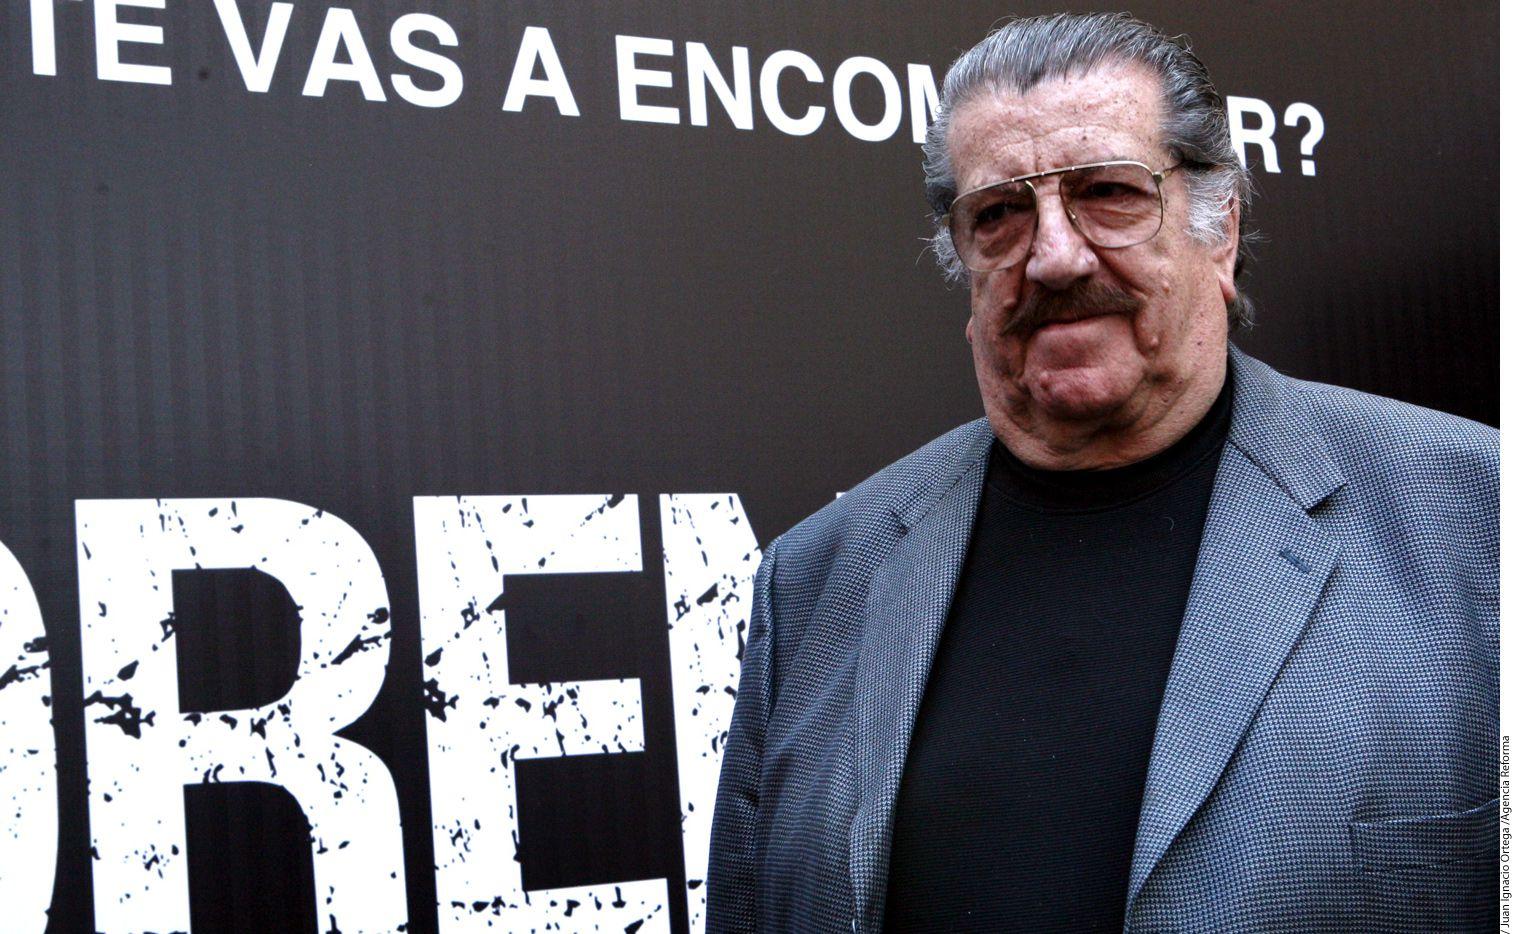 """El actor Pedro Manuel Weber Chávez """"Chatanuga"""" murió como consecuencia de una insuficiencia cardiaca y respiratorio, dio a conocer Primero Noticias./AGENCIA REFORMA"""